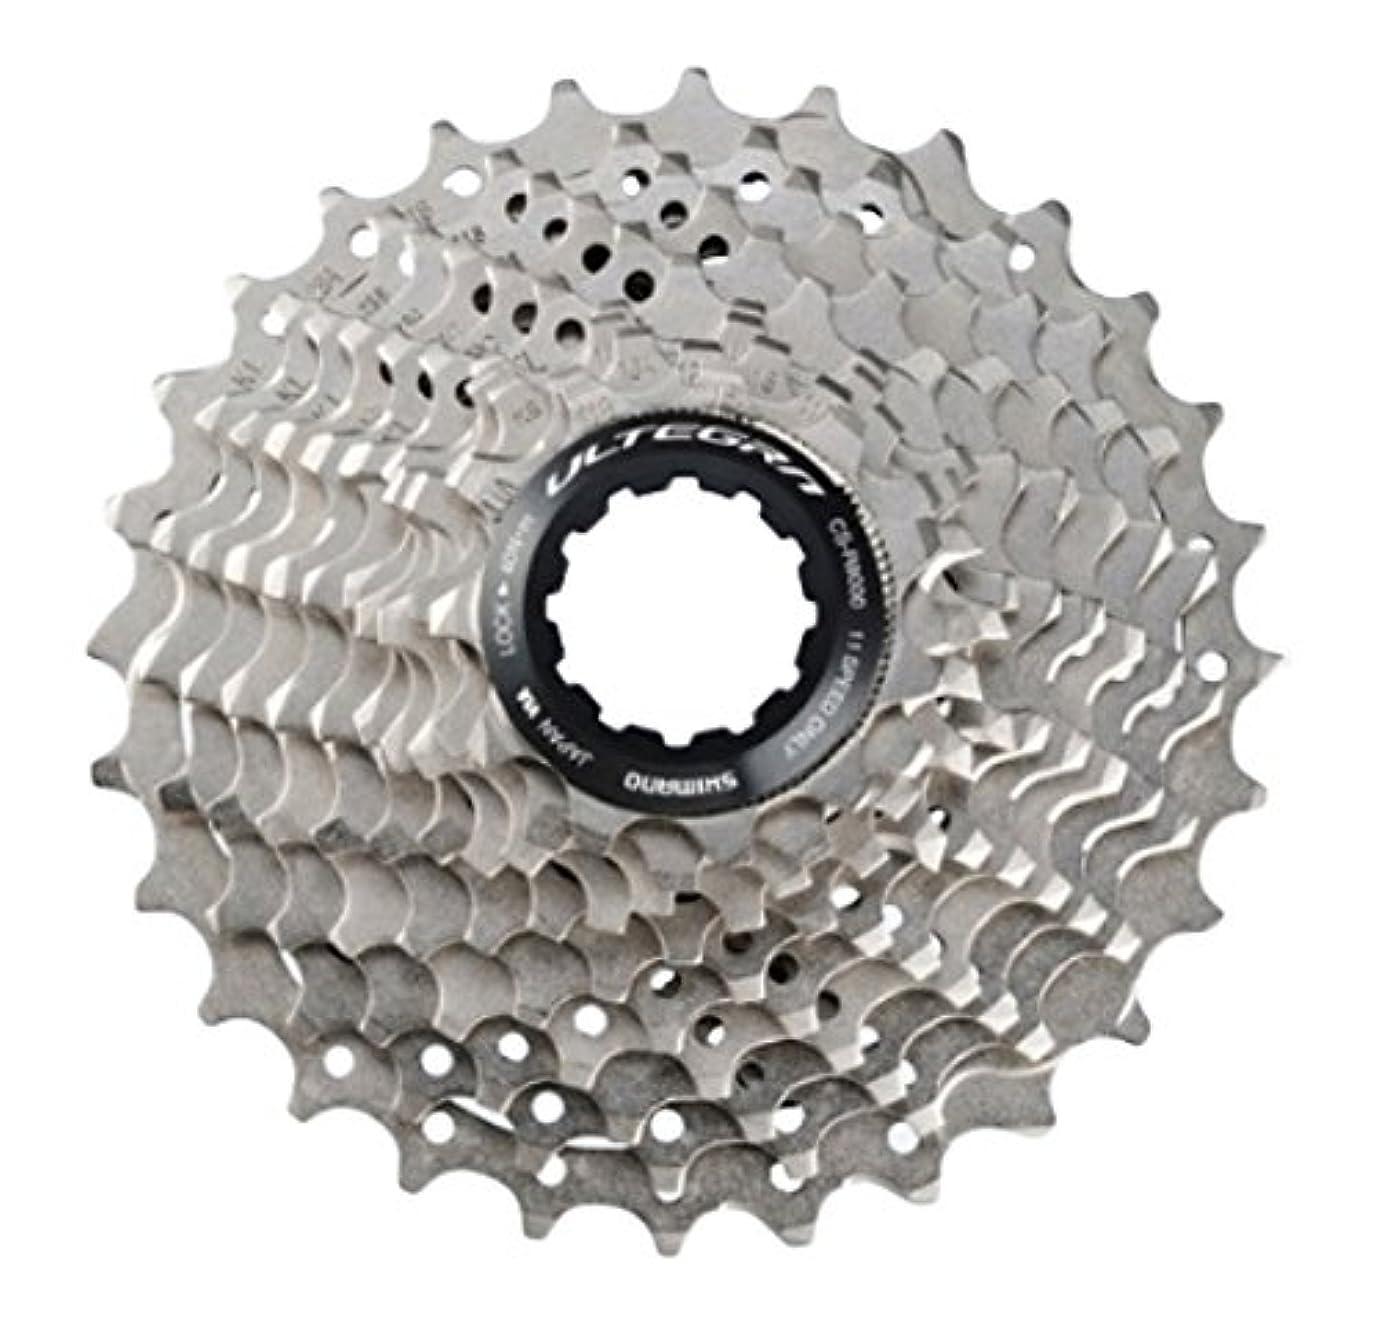 楕円形離れて土地ペダルプレート クリートカバー SPD-SL Look Keo 互換タイプ ペダルカバー ビンディング 自転車用パーツ